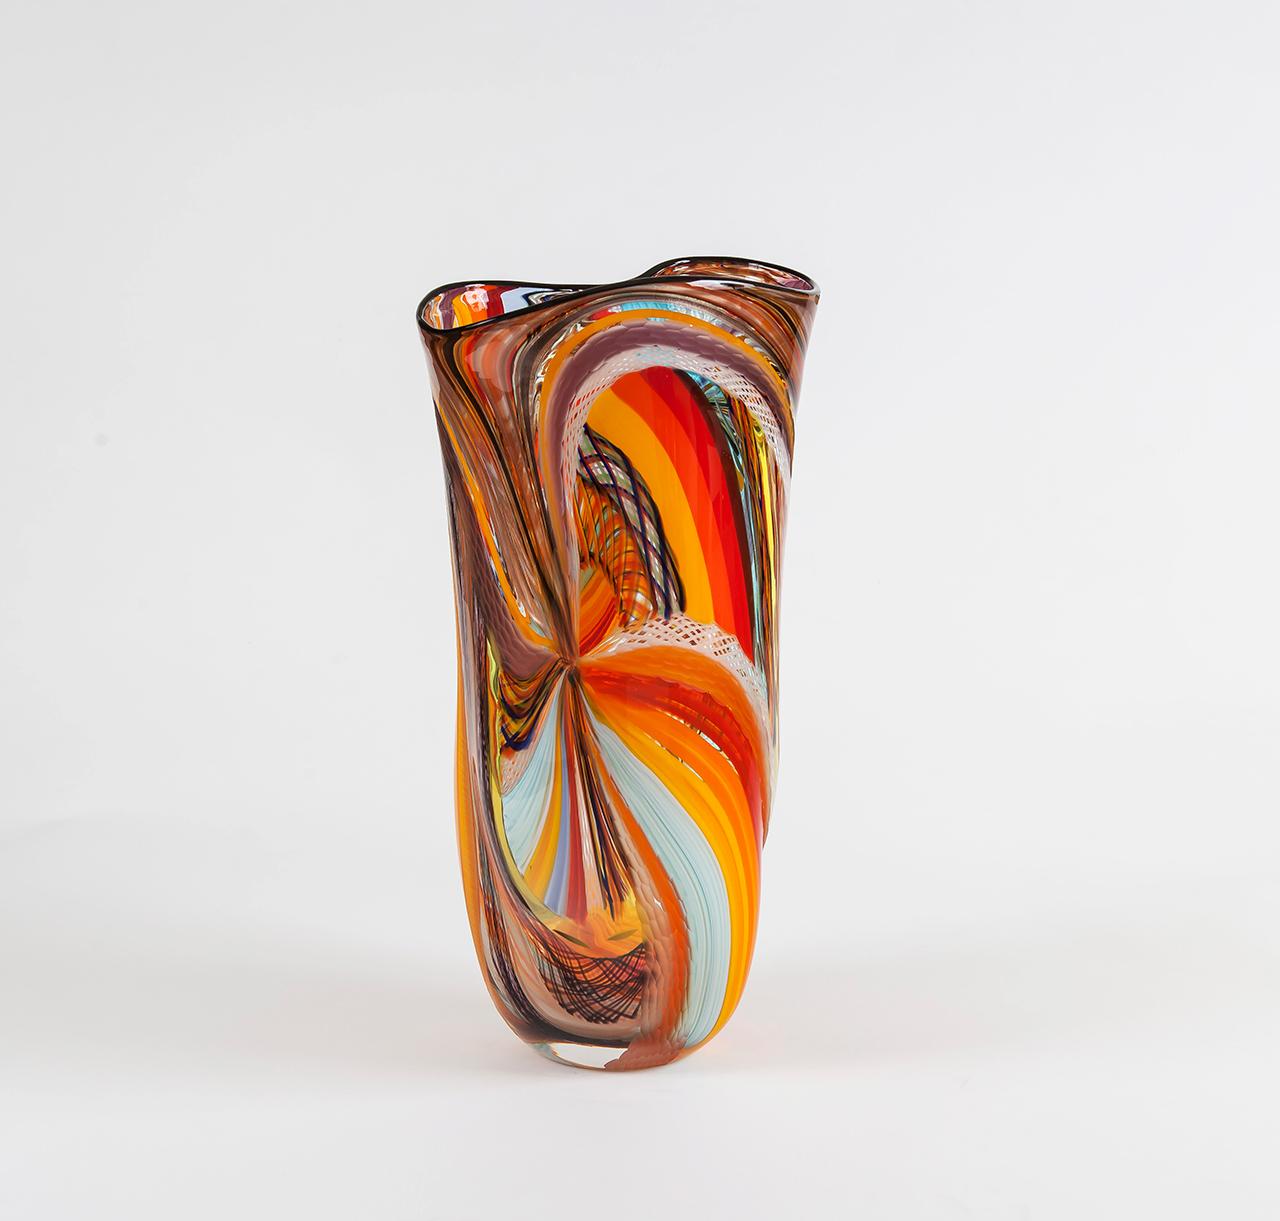 carnevale-vaso-vetro-soffiato-schiavon-murano-2